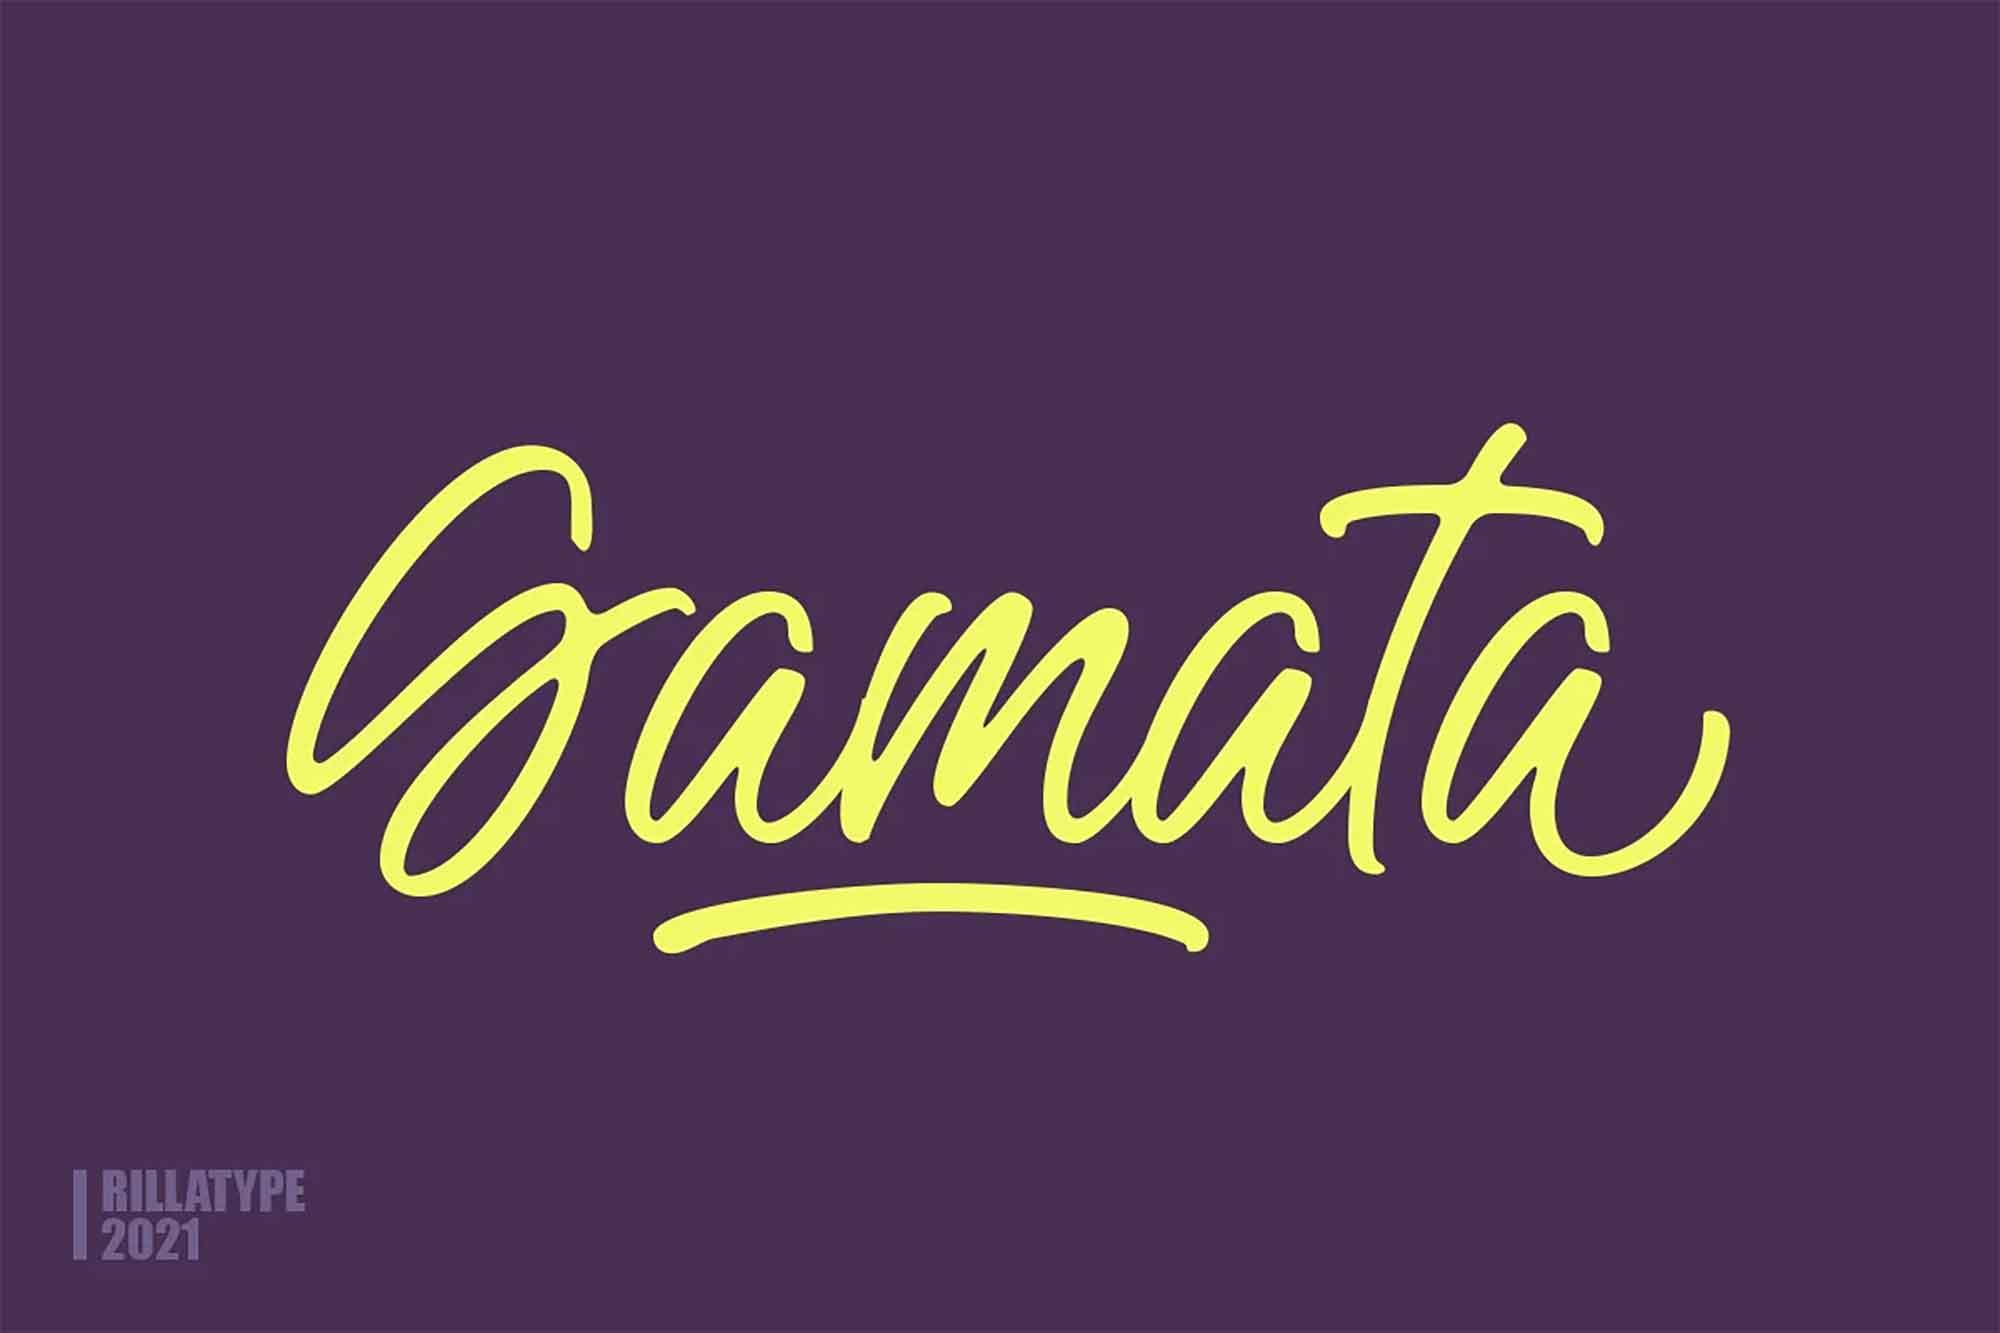 Gamata Handwritten Script Font 2